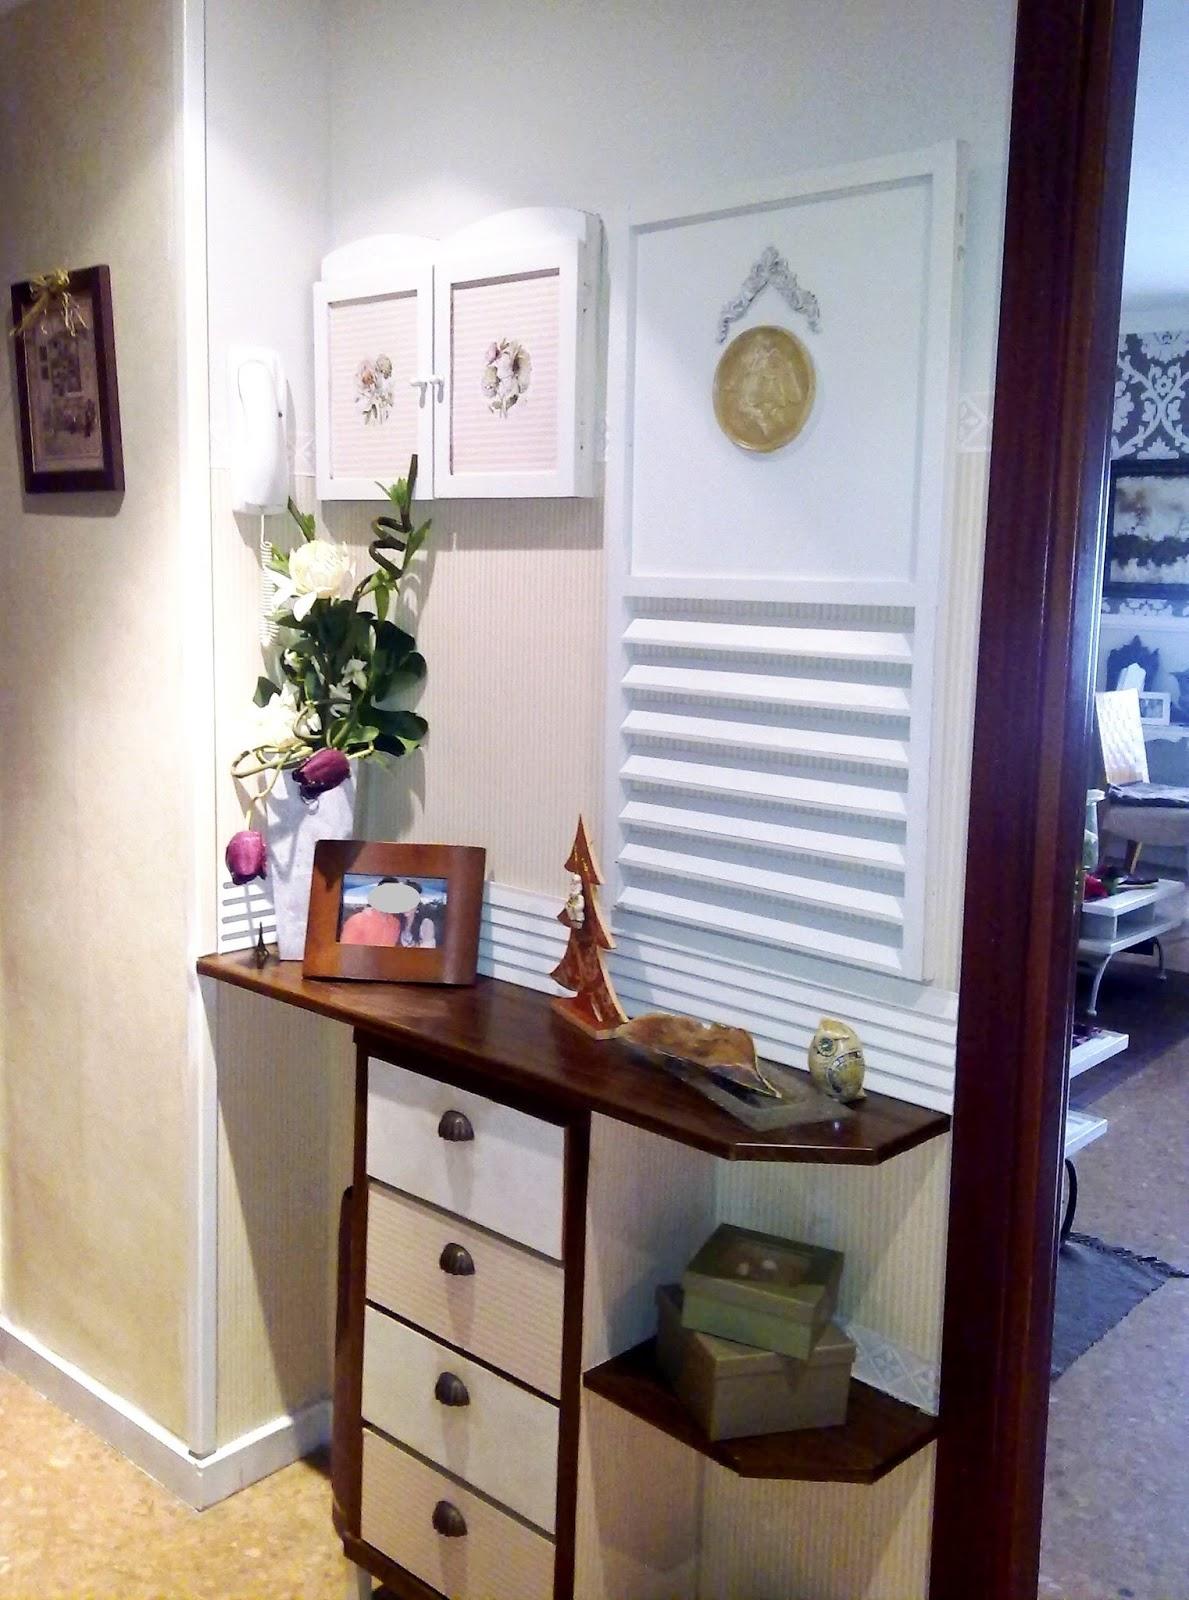 Decora tu vida diy cambio de decoraci n el recibidor - Muebles entradas de casa ...